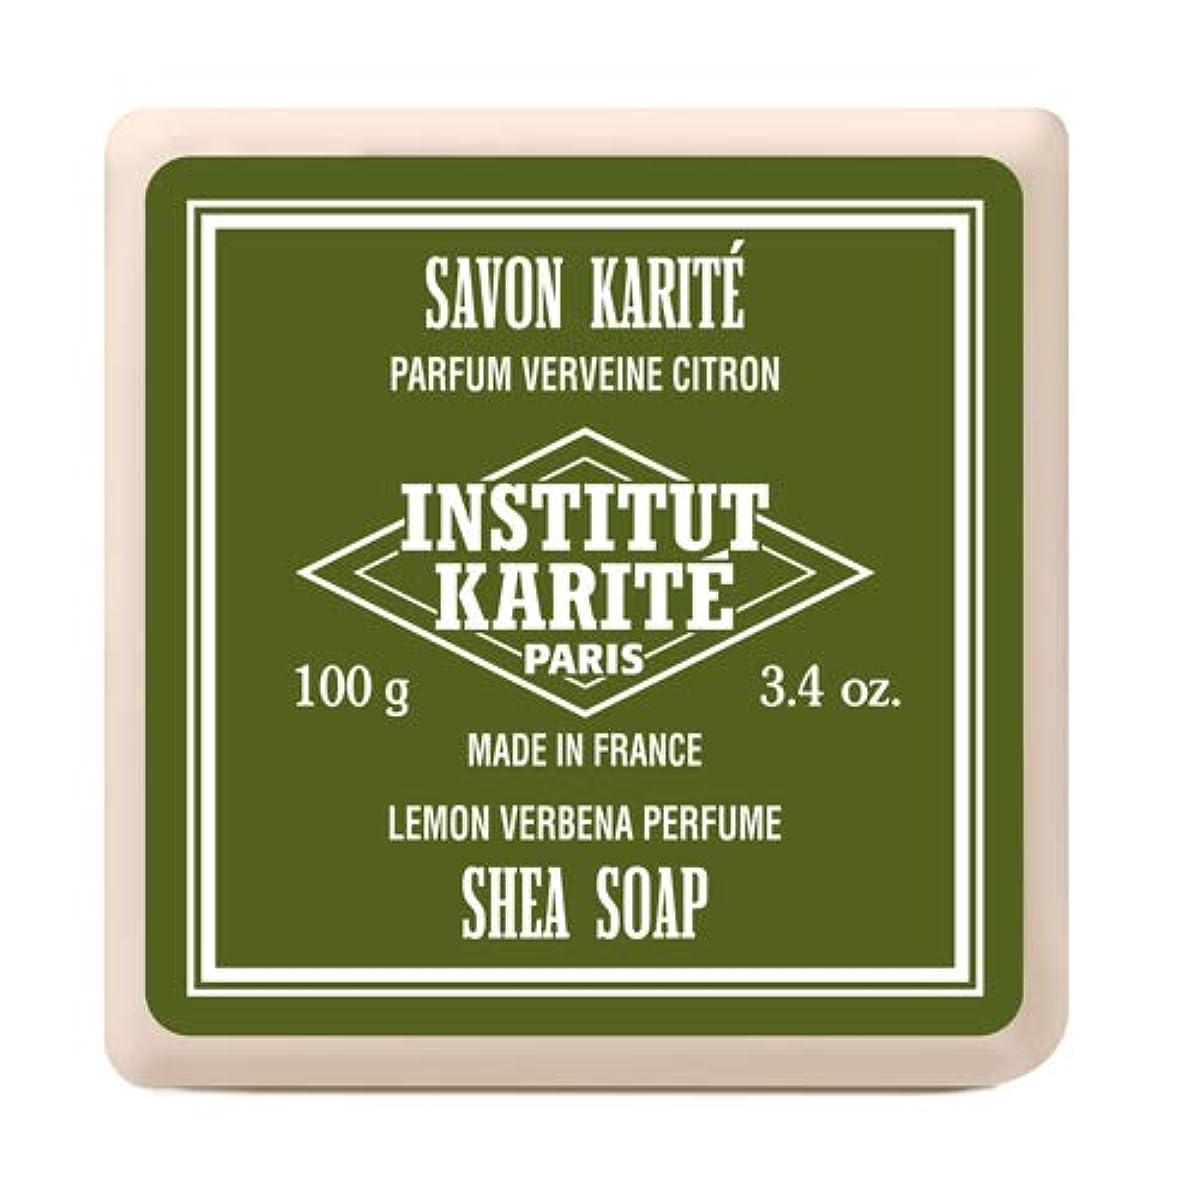 噴出する能力祈るINSTITUT KARITE インスティテュート カリテ Shea Wrapped Soap シアソープ 100g Lemon Vervena レモンバーベナ